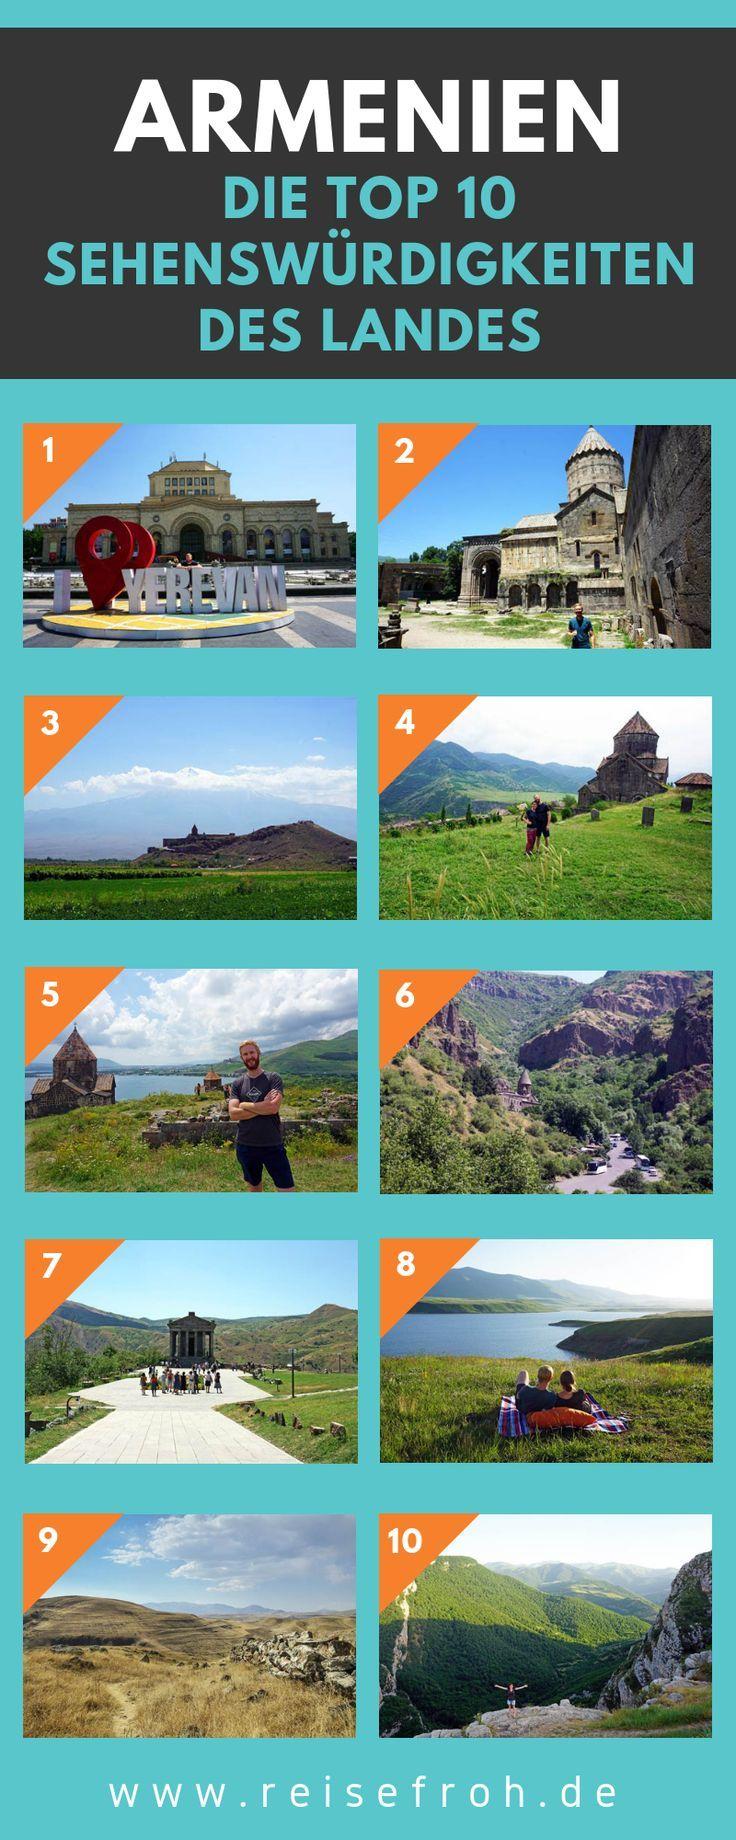 Armenien Sehenswurdigkeiten Top Highlights Reisetipps Reisen Weltreise Und Weltreise Planen